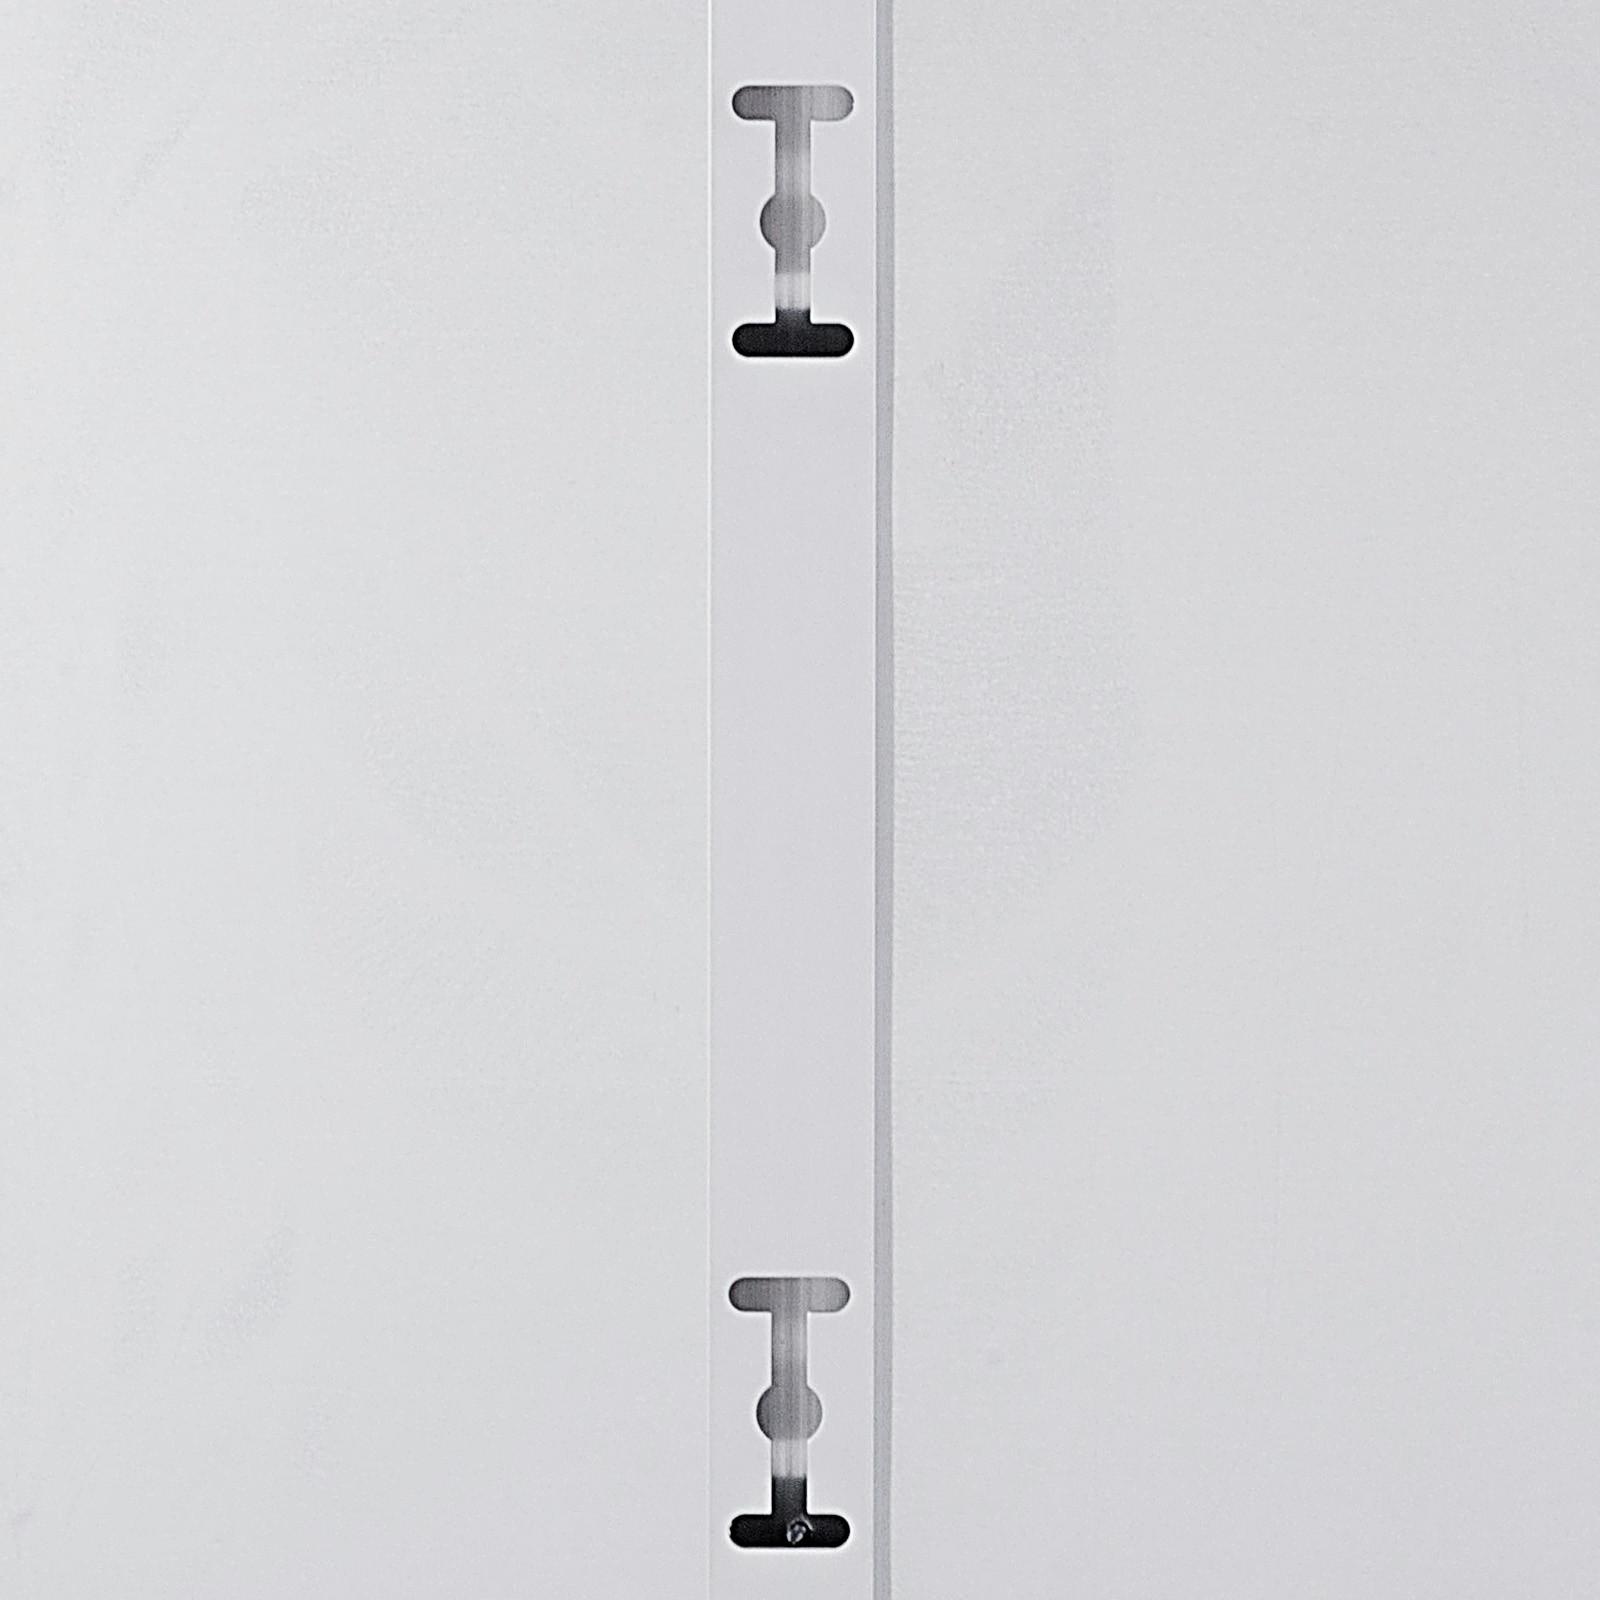 Infrarotheizung Heizung Elektroheizung Heizkörper Heizpaneel mit Thermostat